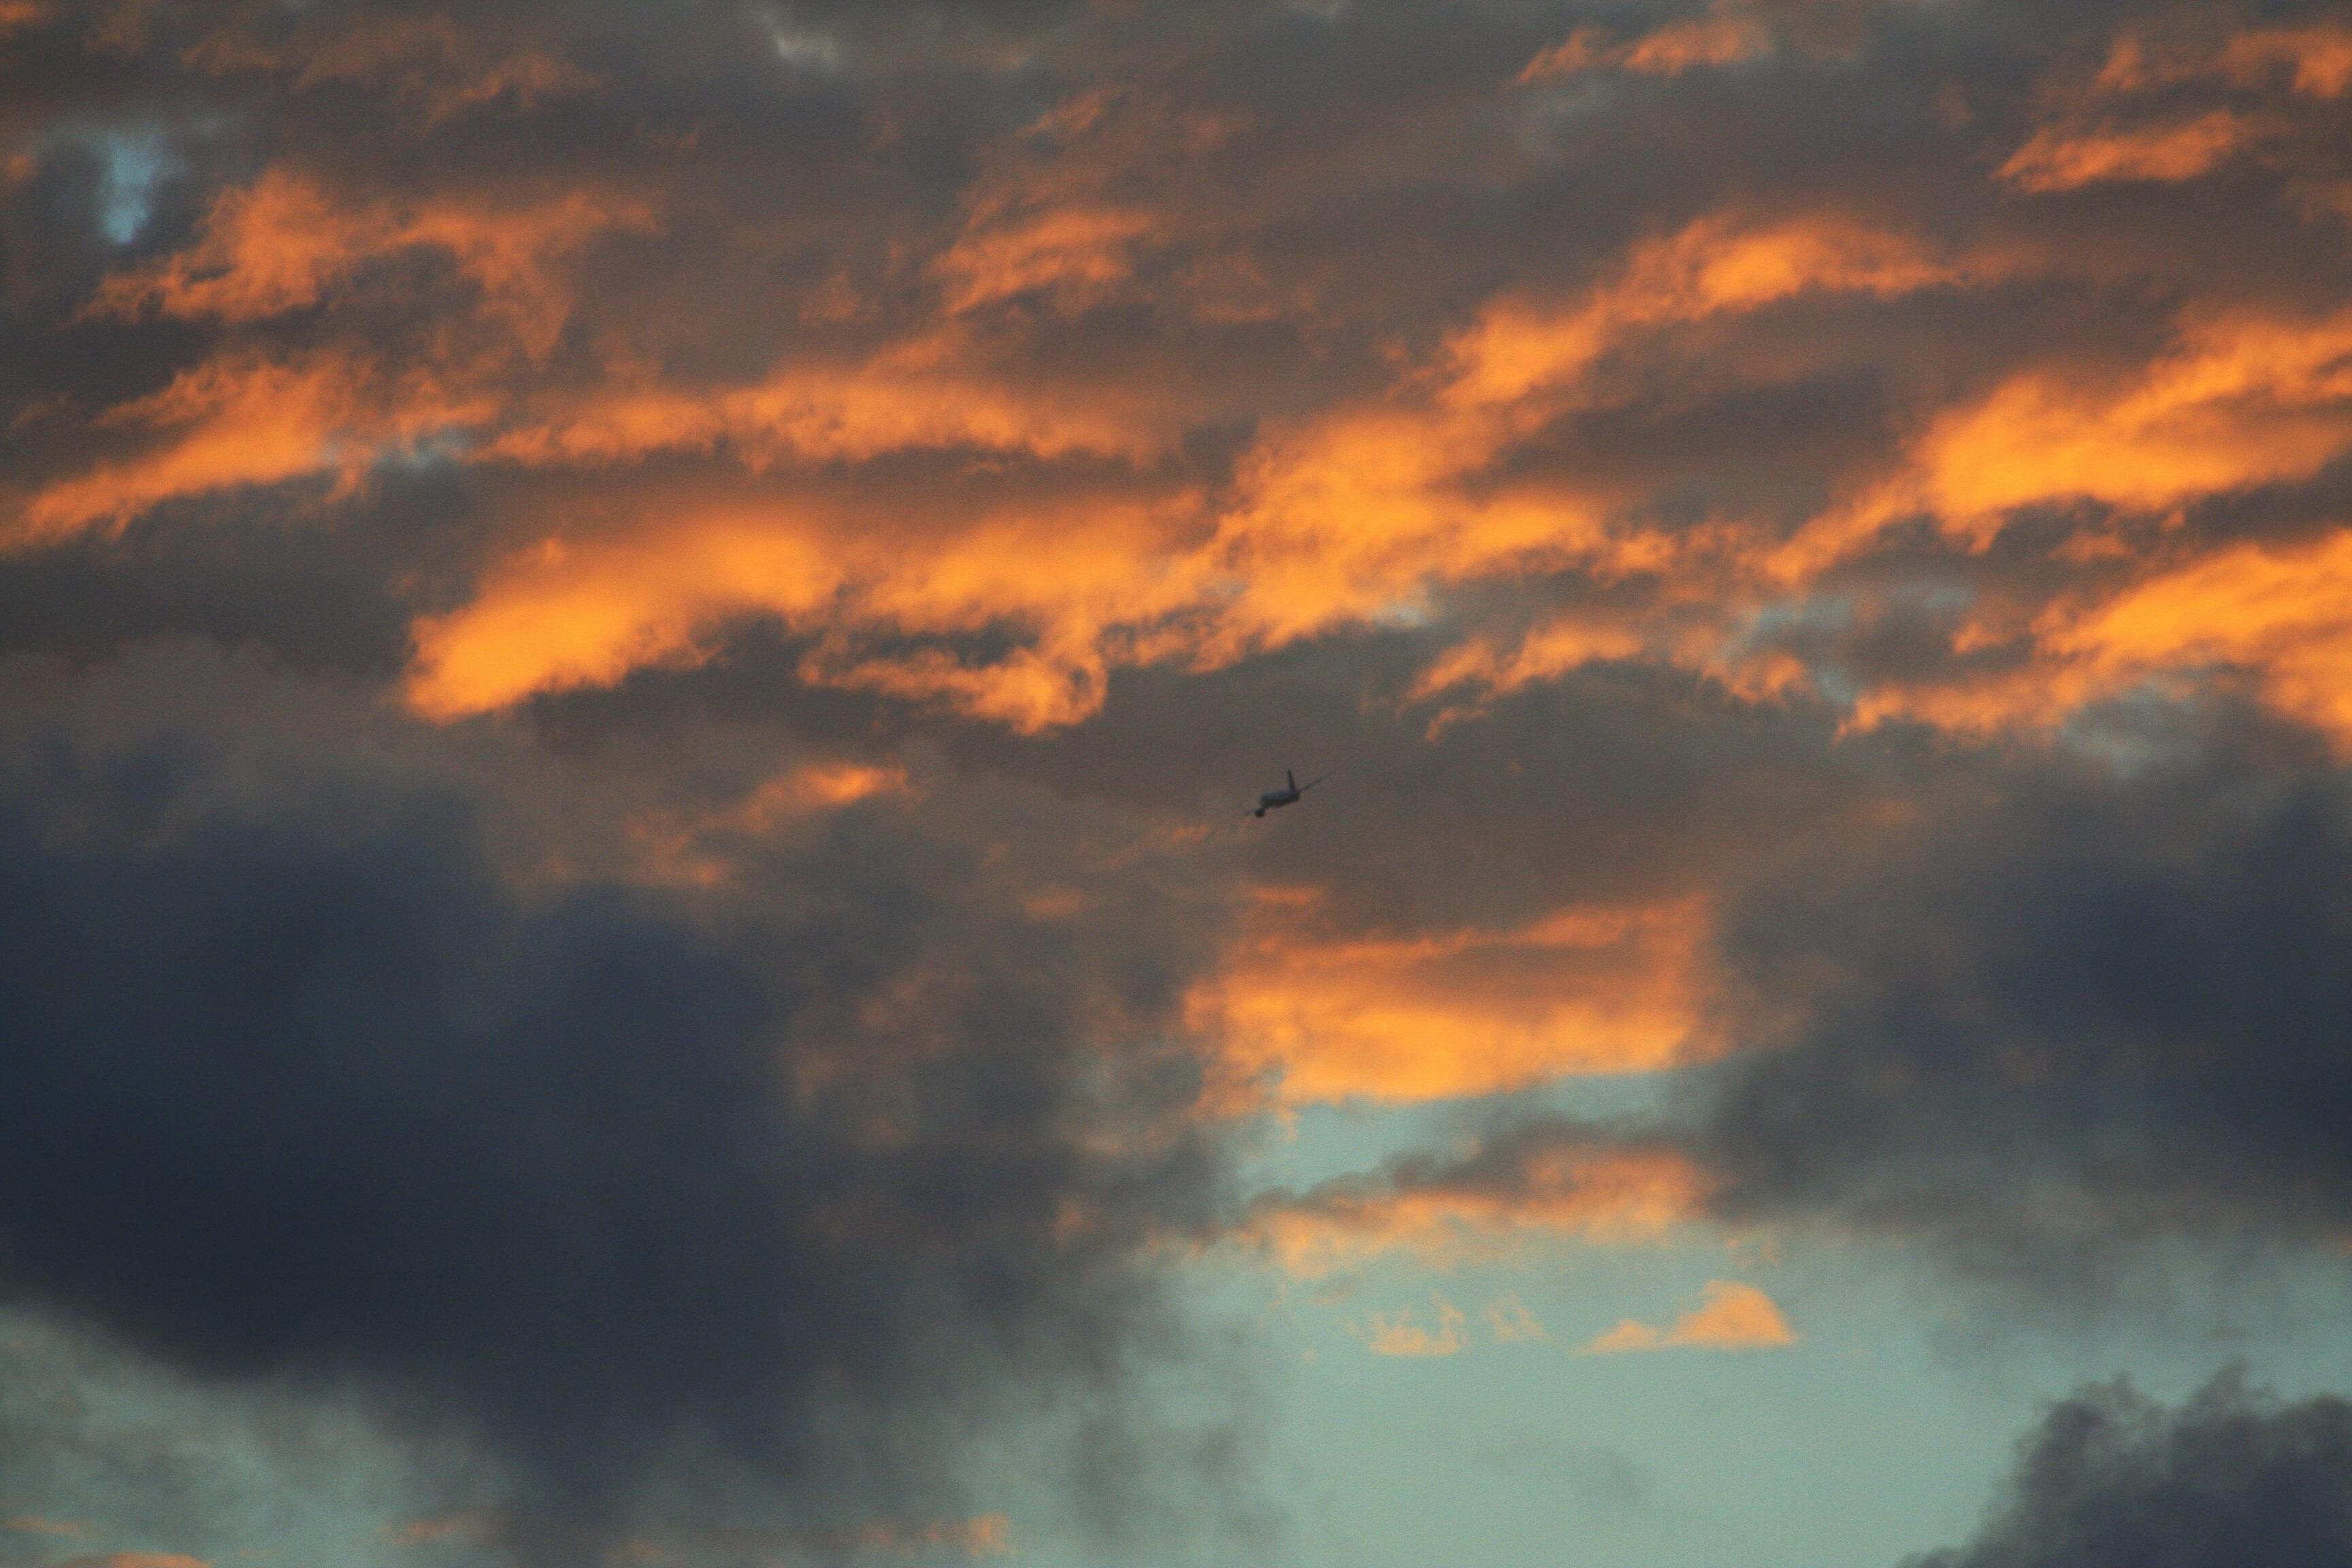 Fotos gratis : mar, agua, naturaleza, nube, cielo, amanecer, puesta ...